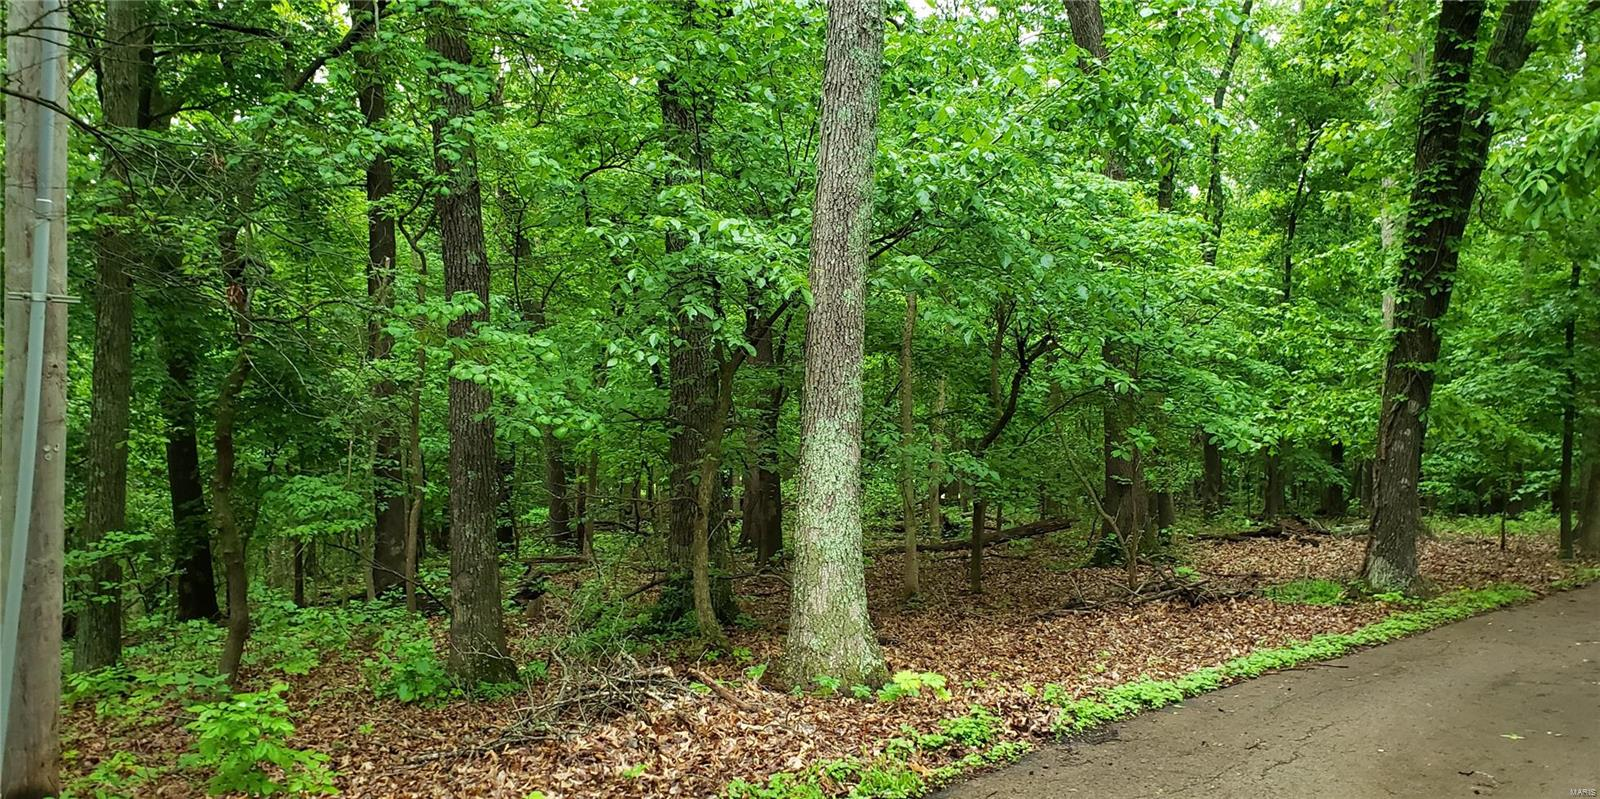 Babler Forest Hills 1 Lts 8 & 9 Real Estate Listings Main Image